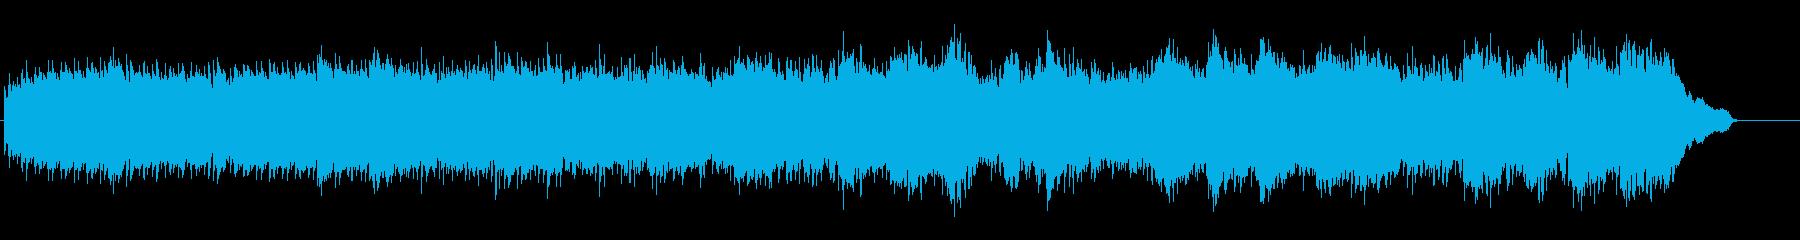 ピアノと弦楽器のおしゃれな映像用BGMの再生済みの波形